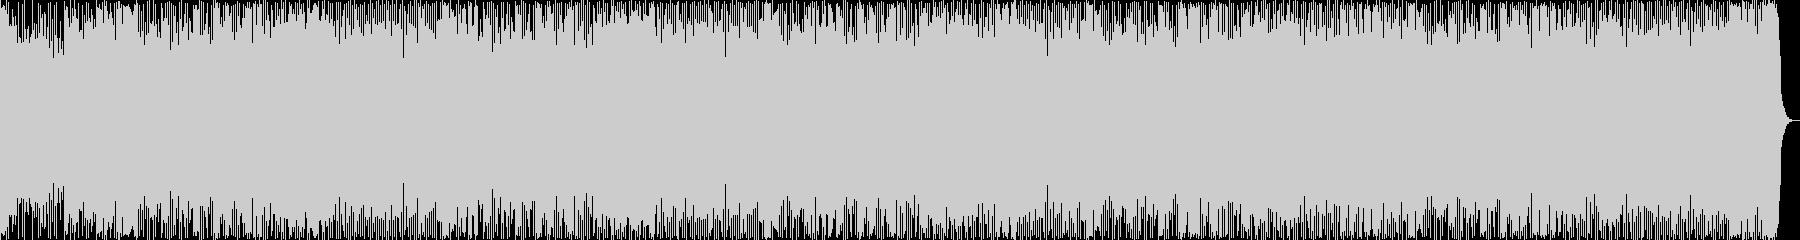 メタル楽曲 戦闘向け風 重厚 ロング版の未再生の波形